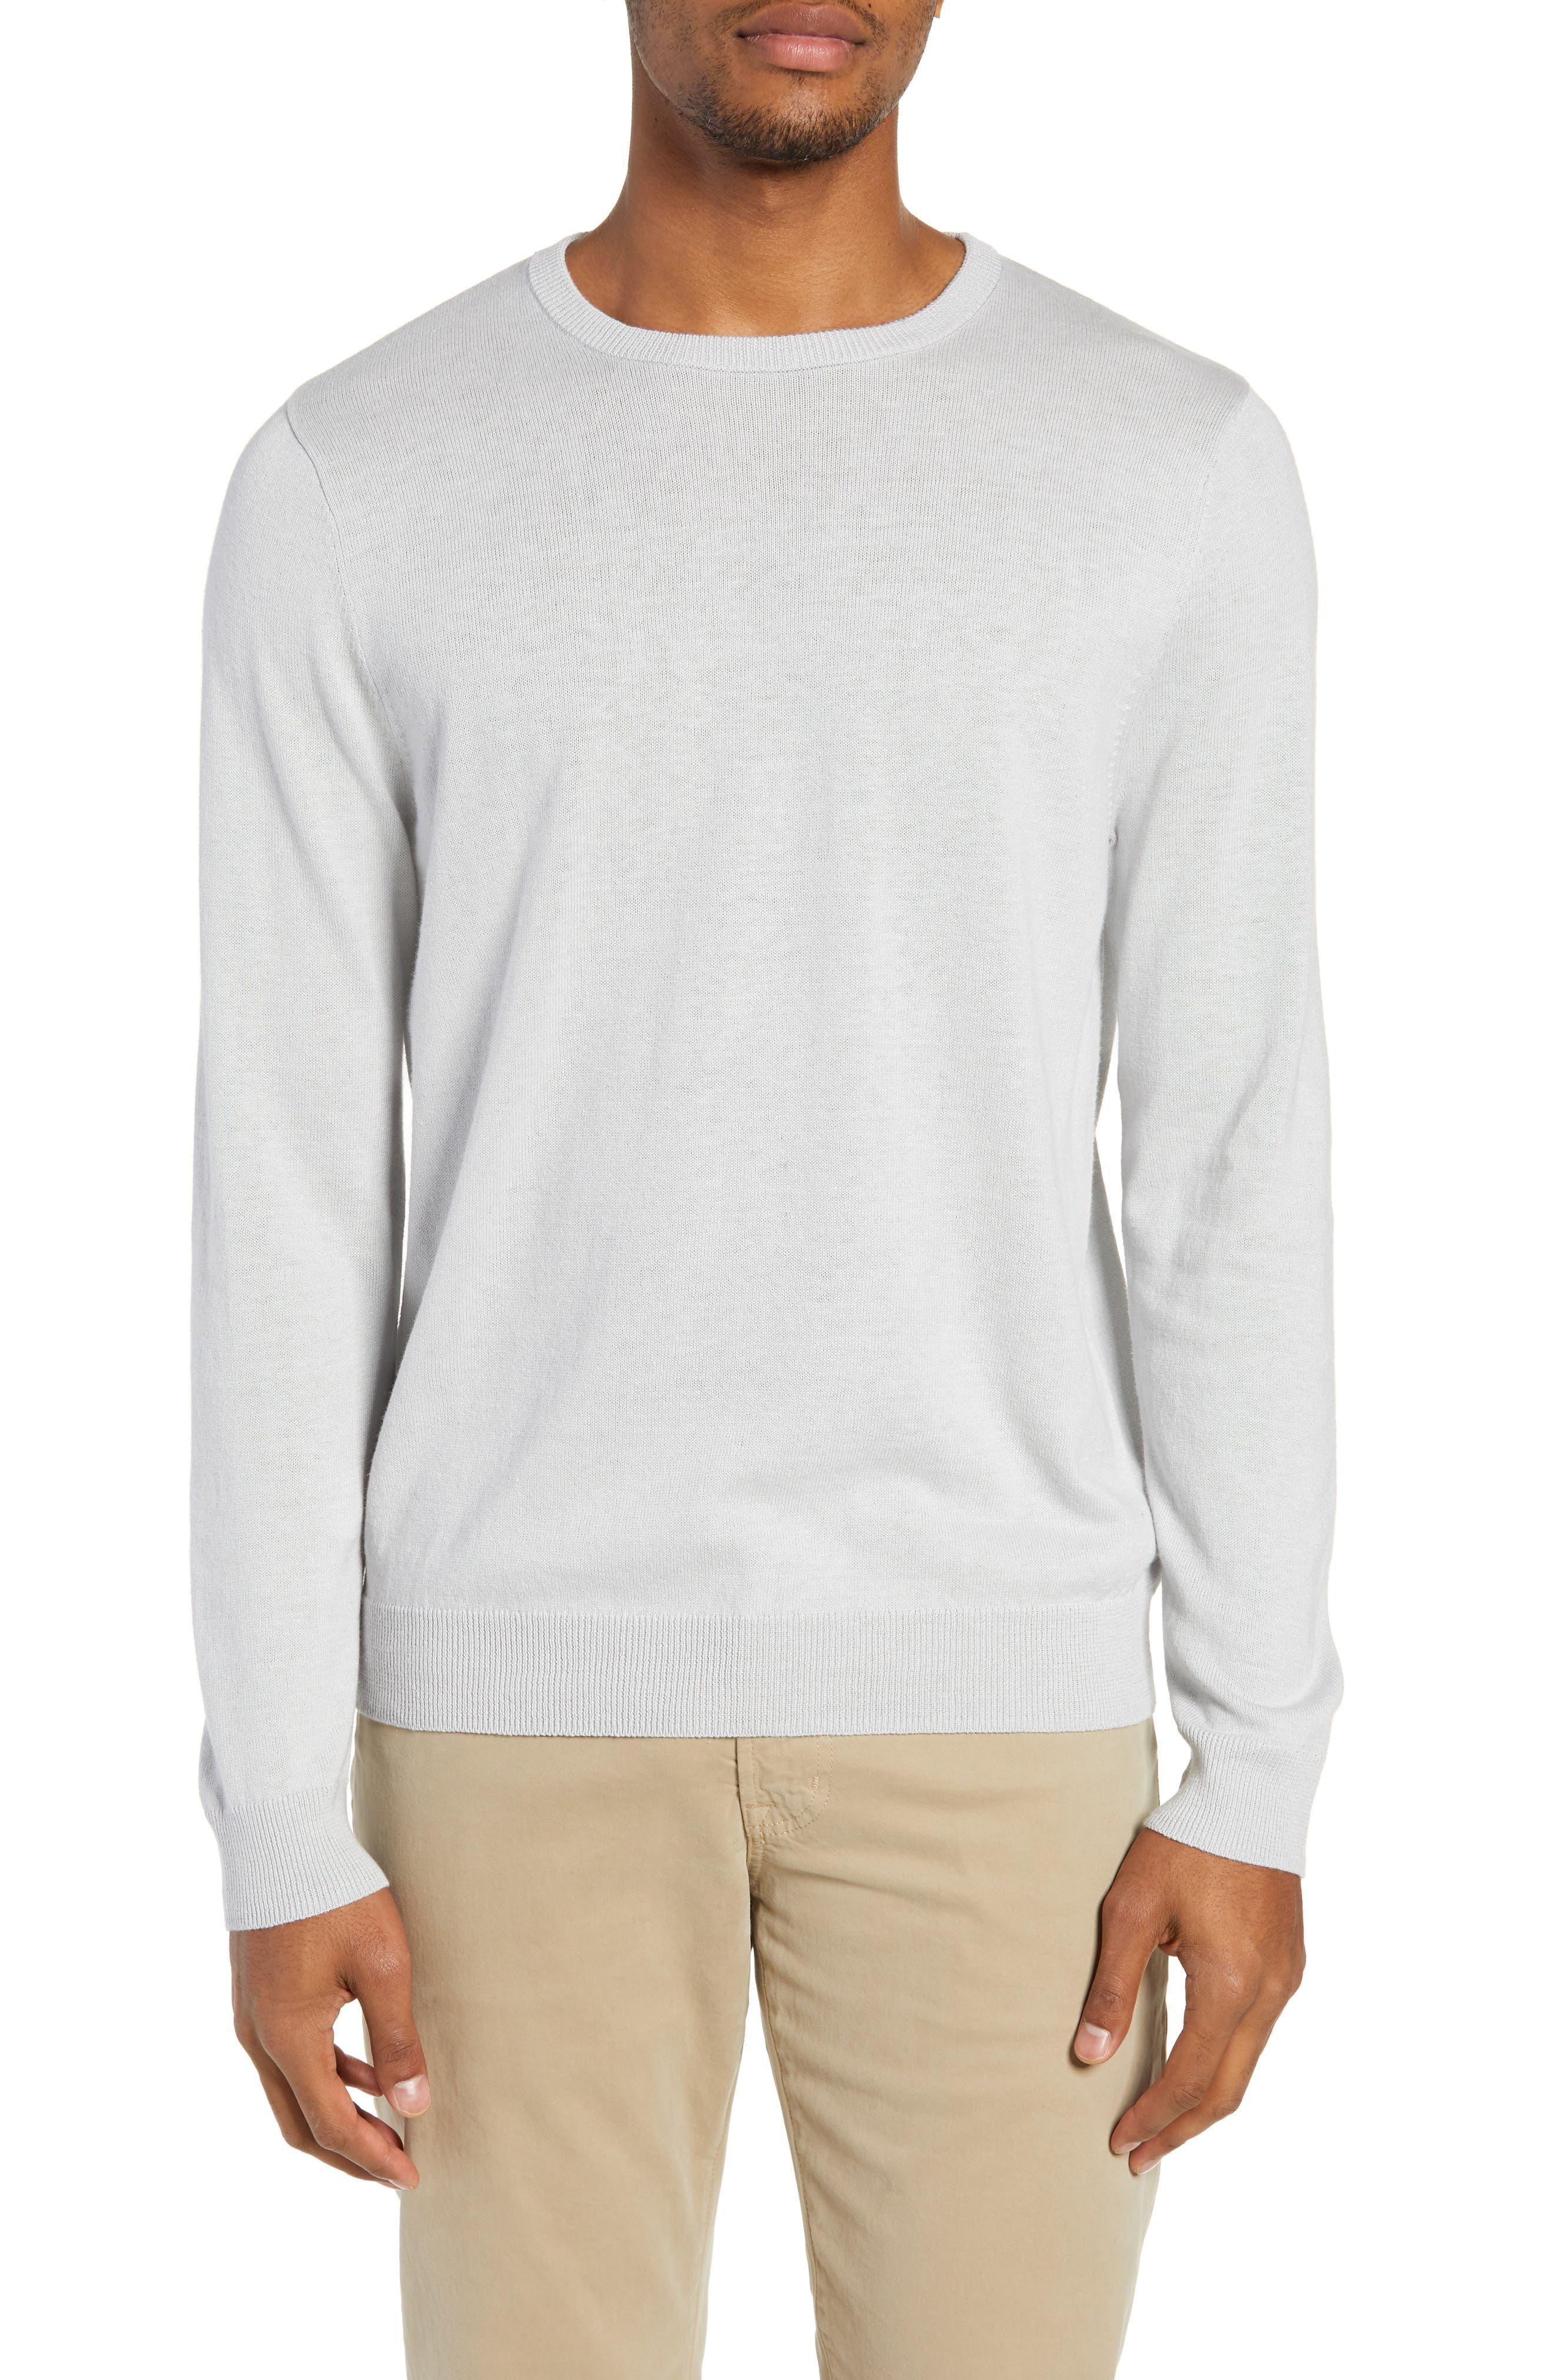 Nordstrom Shop Regular Fit Crewneck Sweater, White